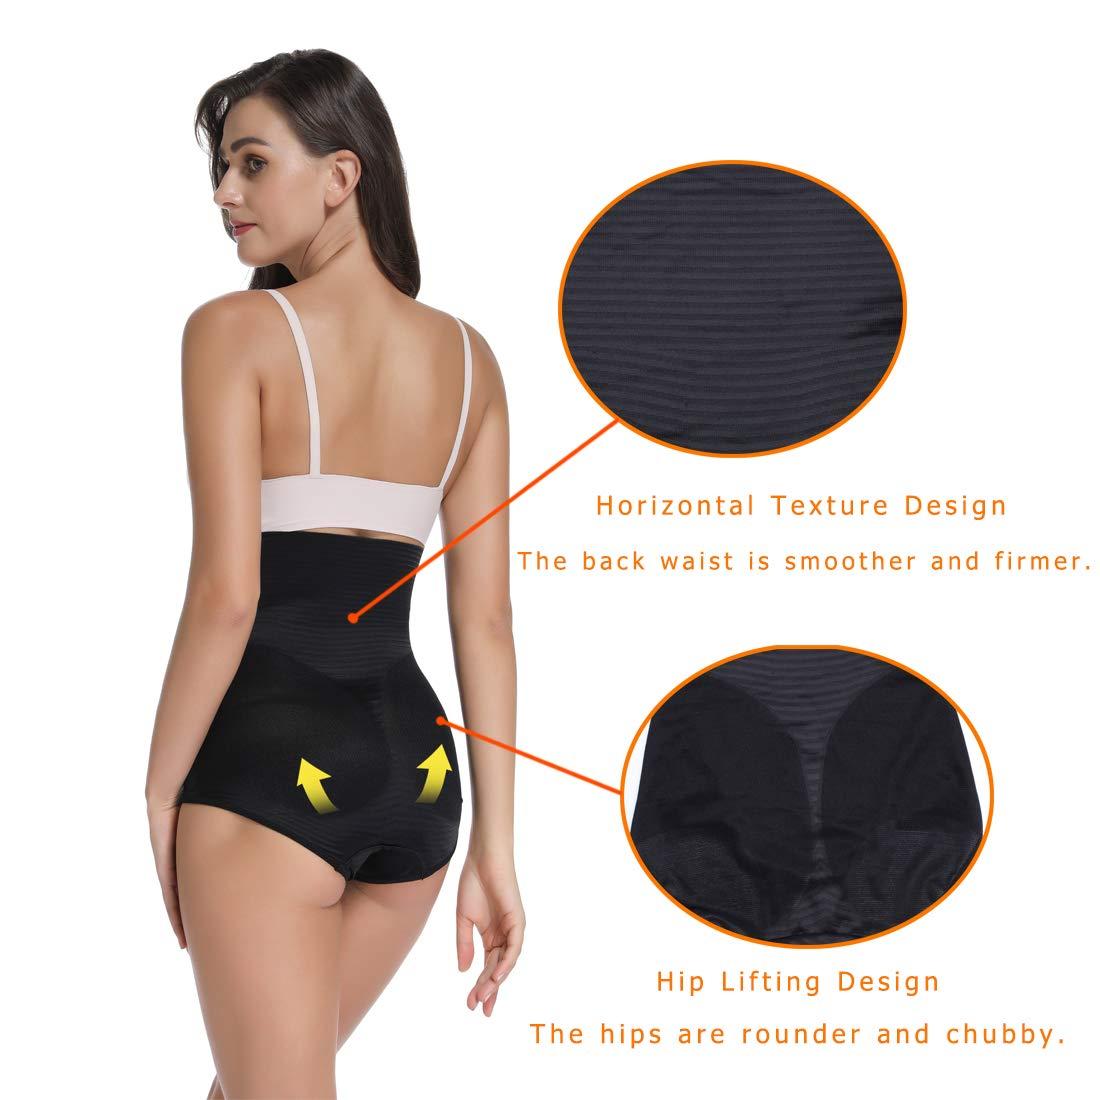 WOWENY Guaina Intimo Modellante Contenitiva Elastico Corpetto Senza Cuciture Slip Shapewear Mutande Contenitive Donna Vita Alta